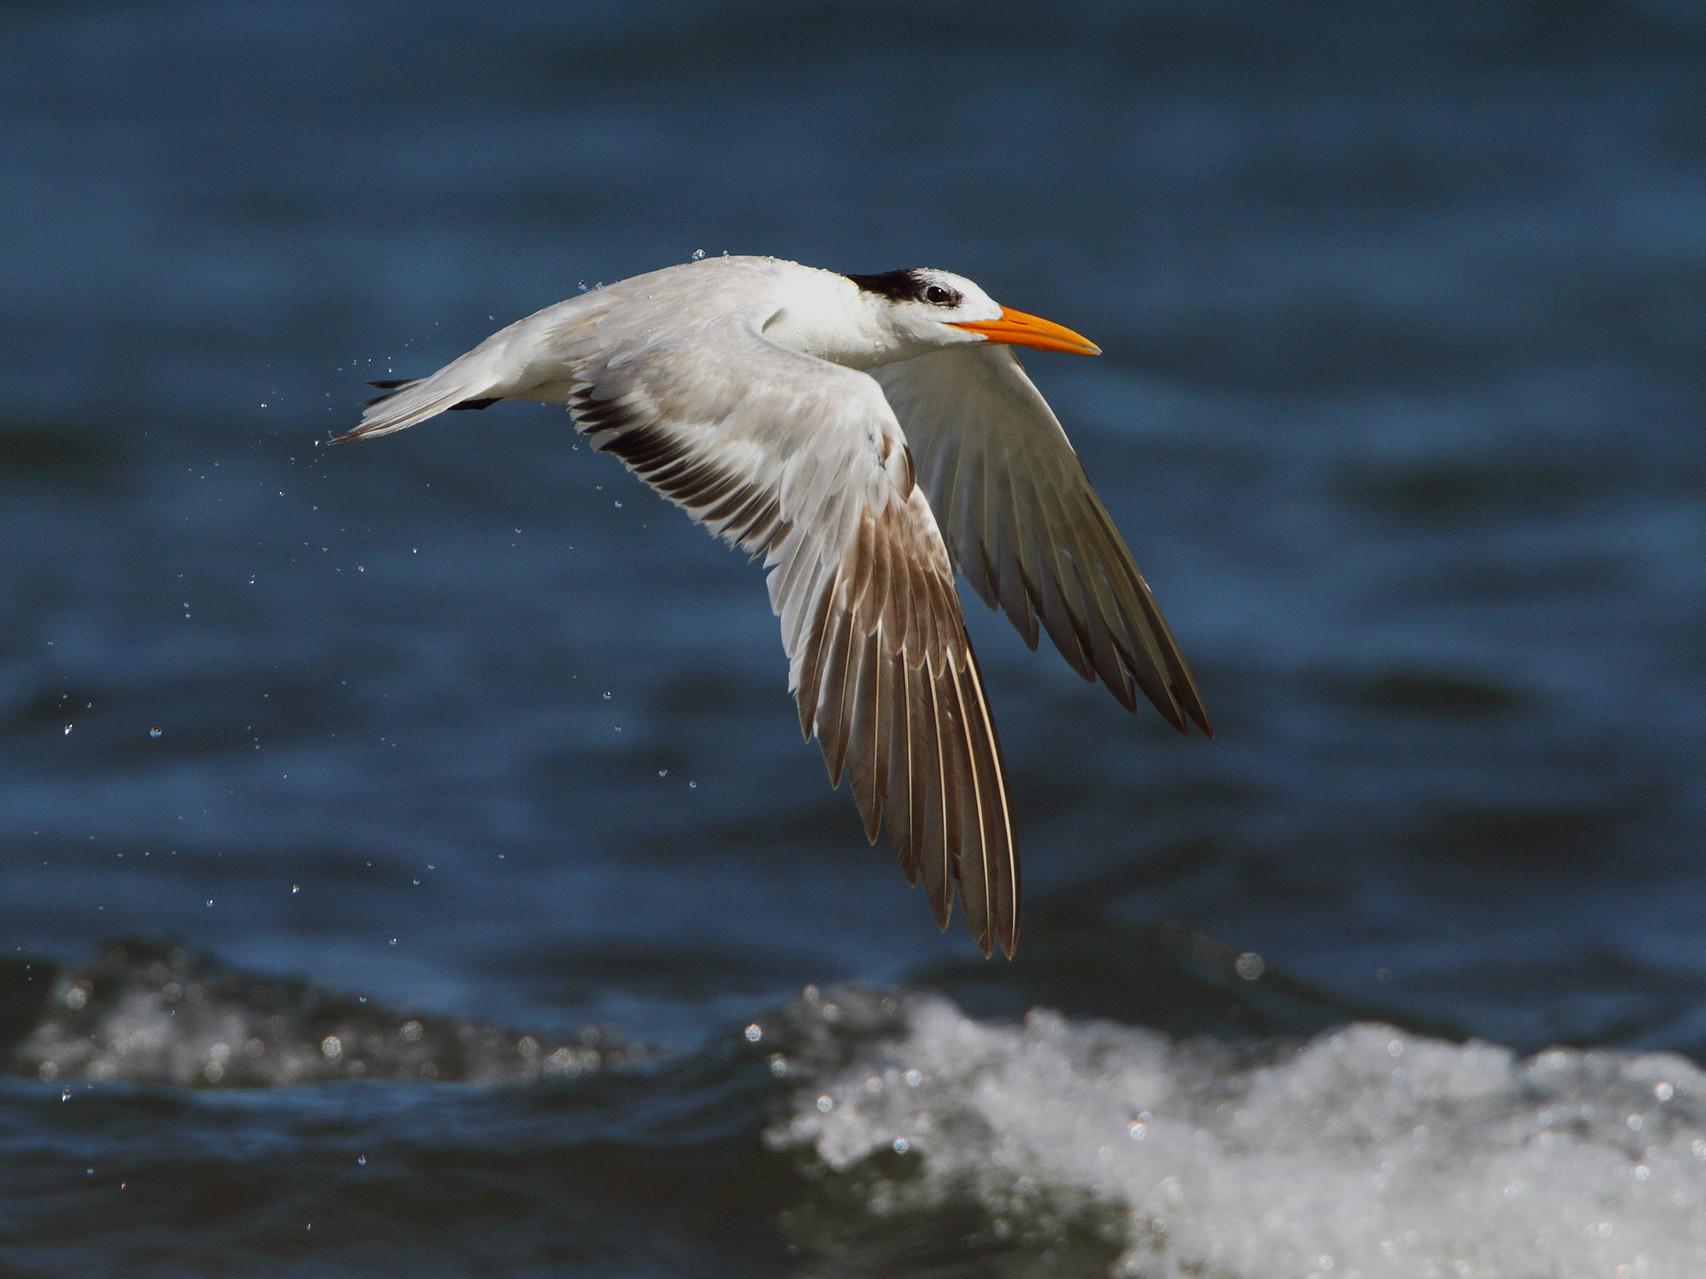 Königsseeschwalbe